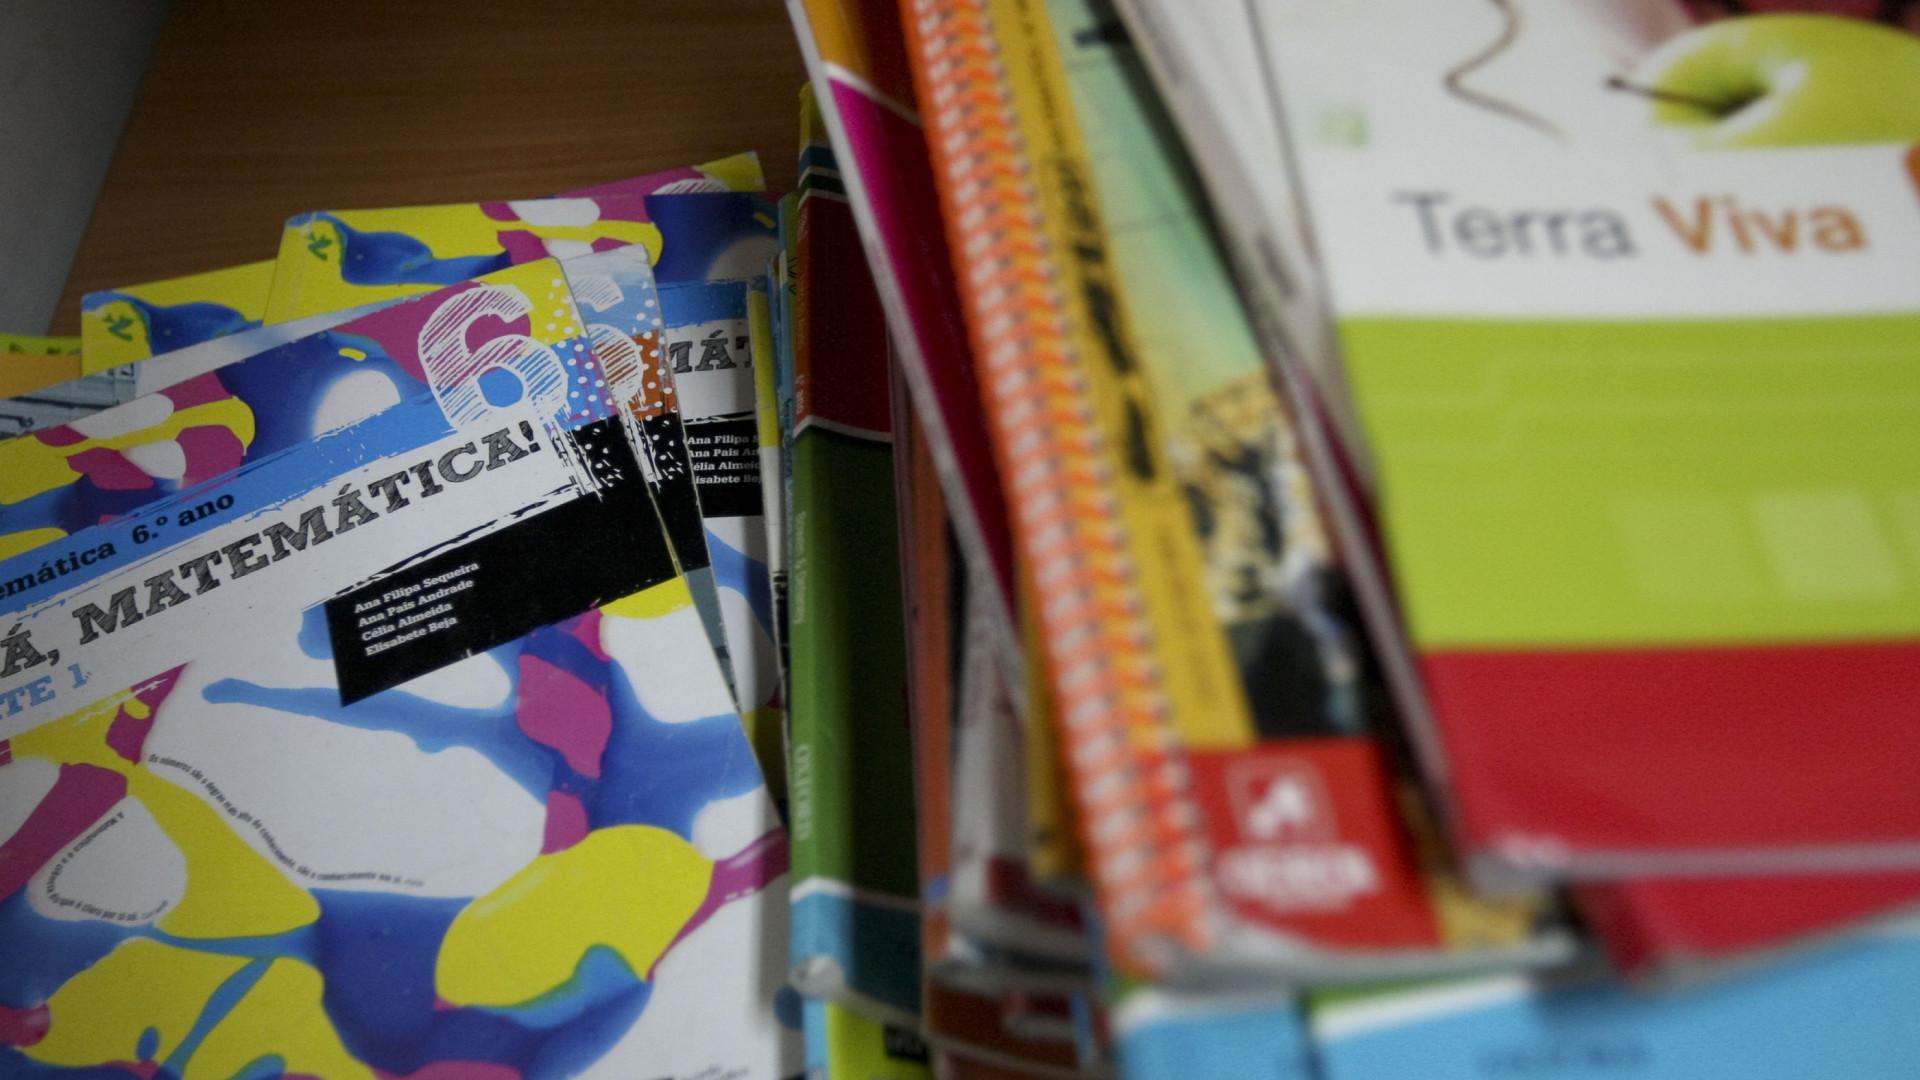 Famílias com menos rendimentos com mais acesso a manuais escolares usados